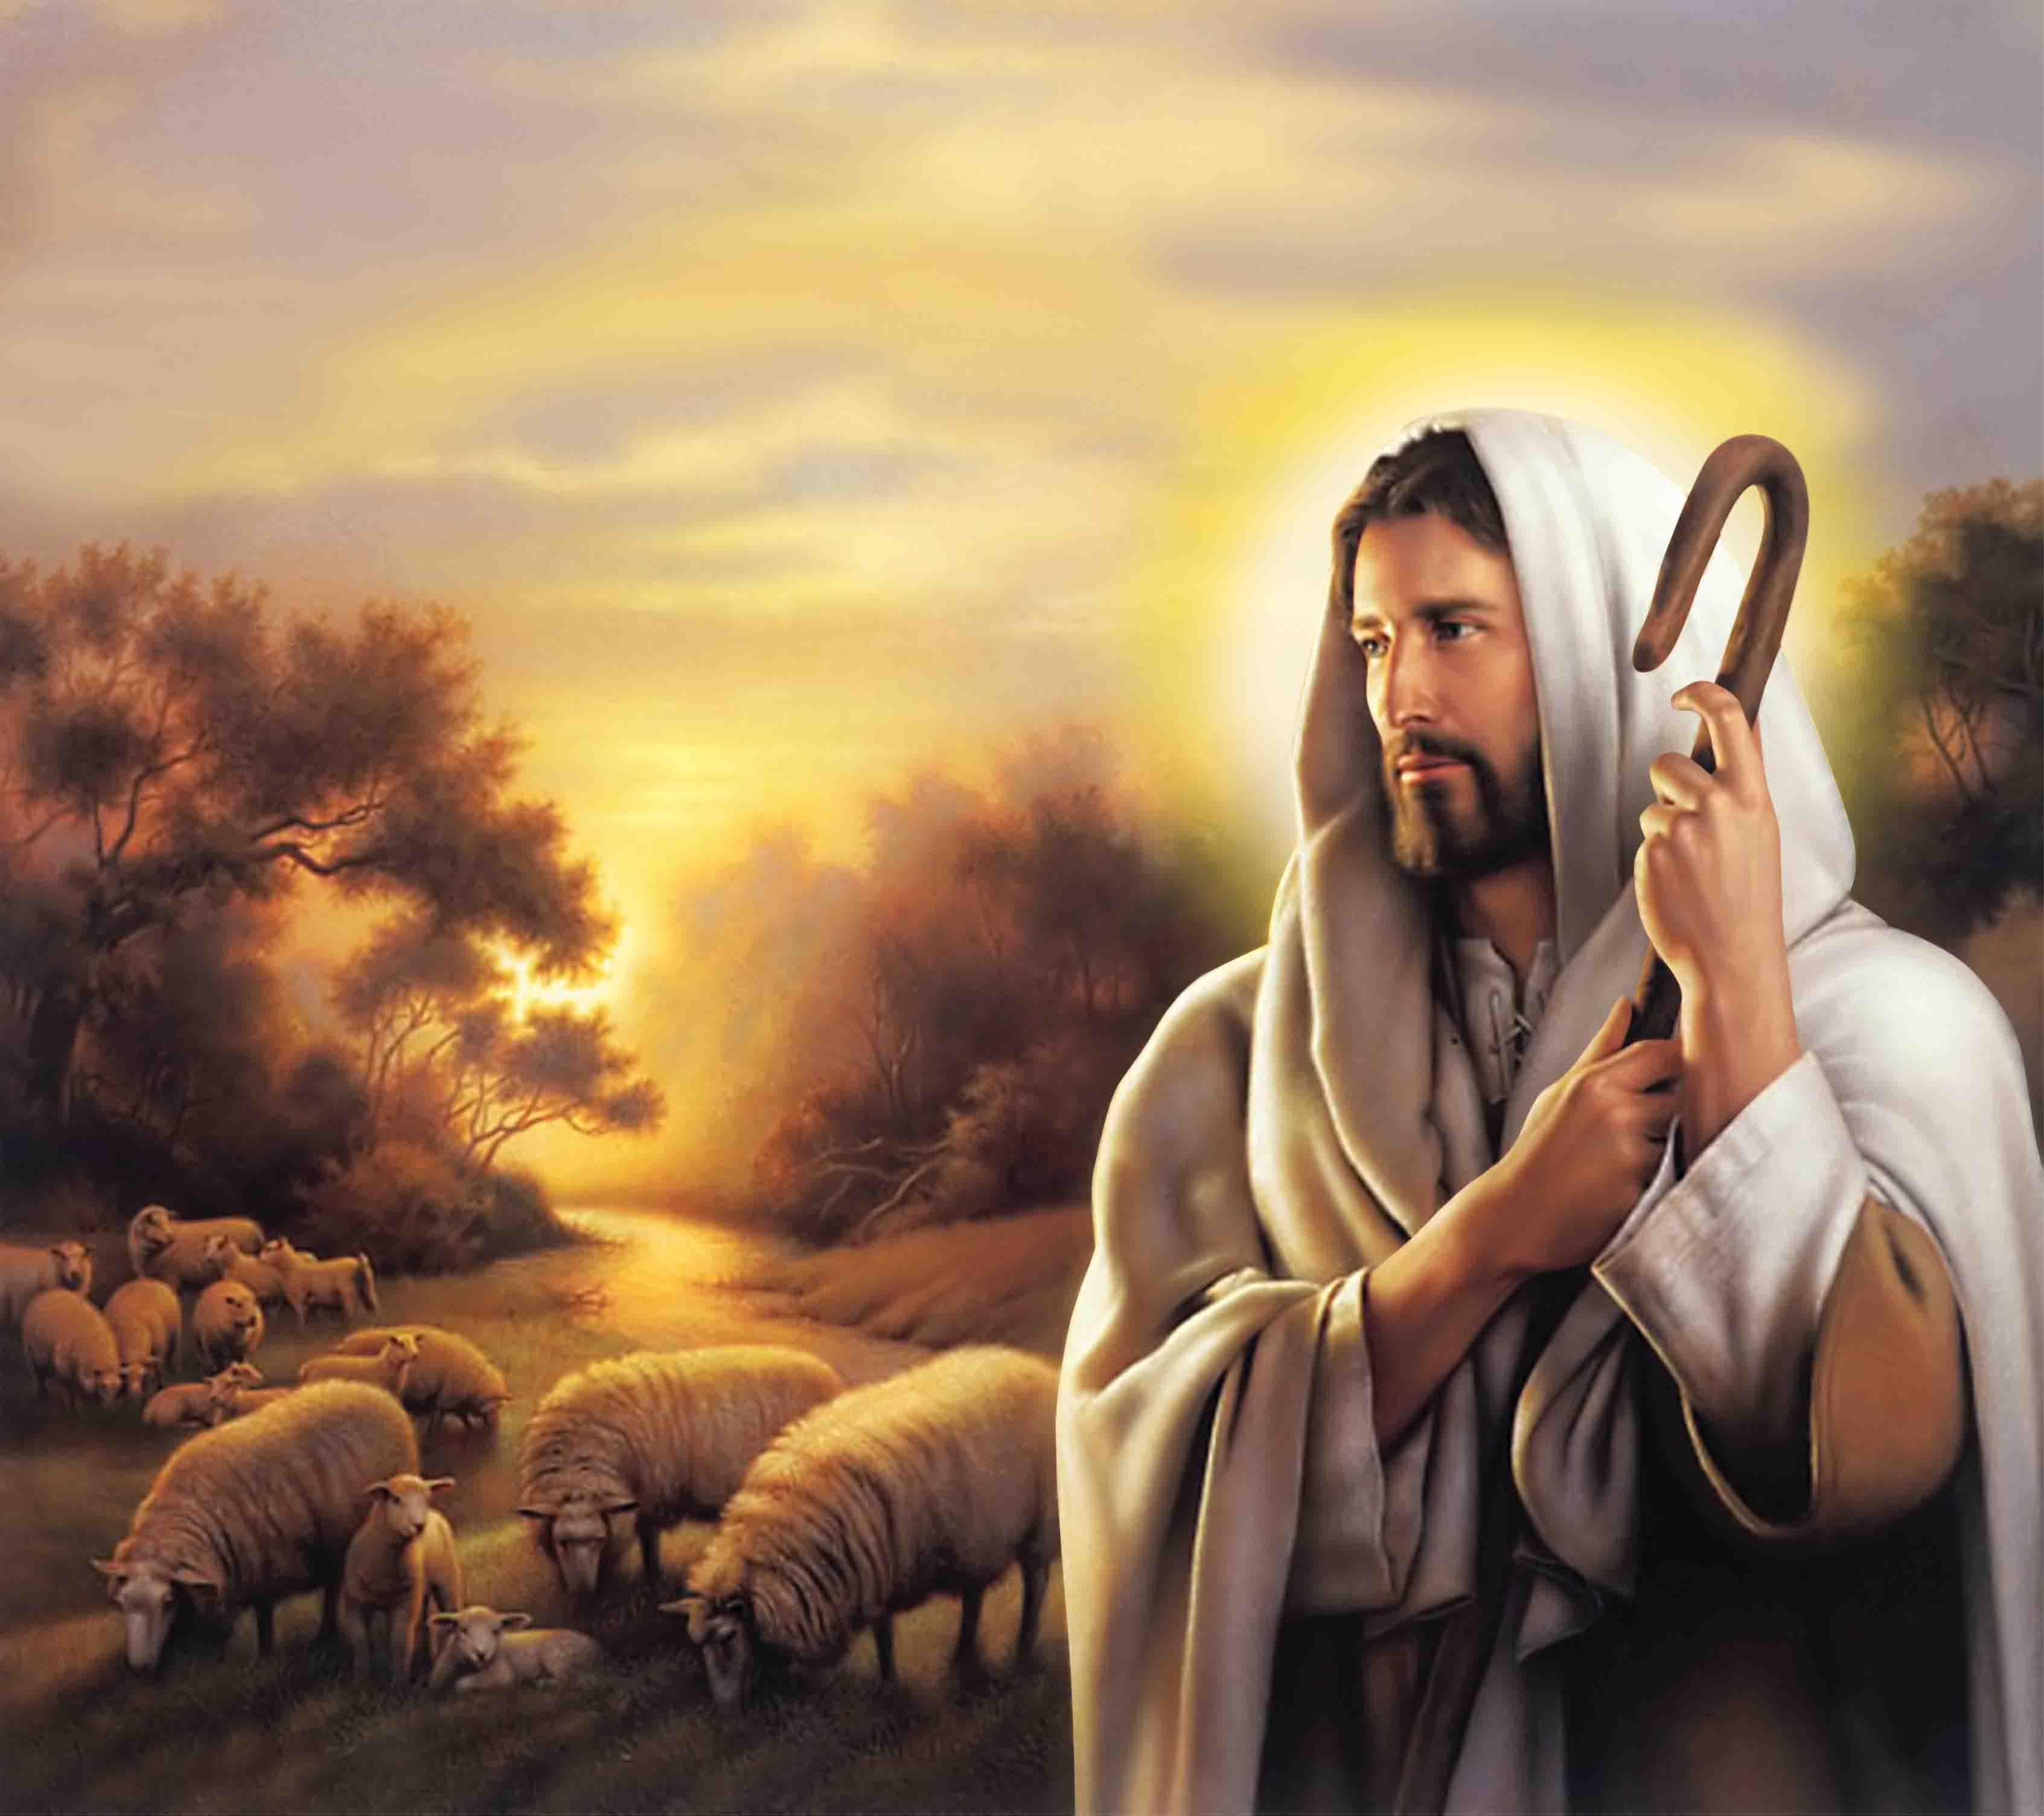 Công giáo là một tôn giáo cực kỳ lớn và phổ biến ở nhiều nước trên thế giới, đặc biệt là các nước châu Âu. Giống như nhiều tôn giáo khác, ...